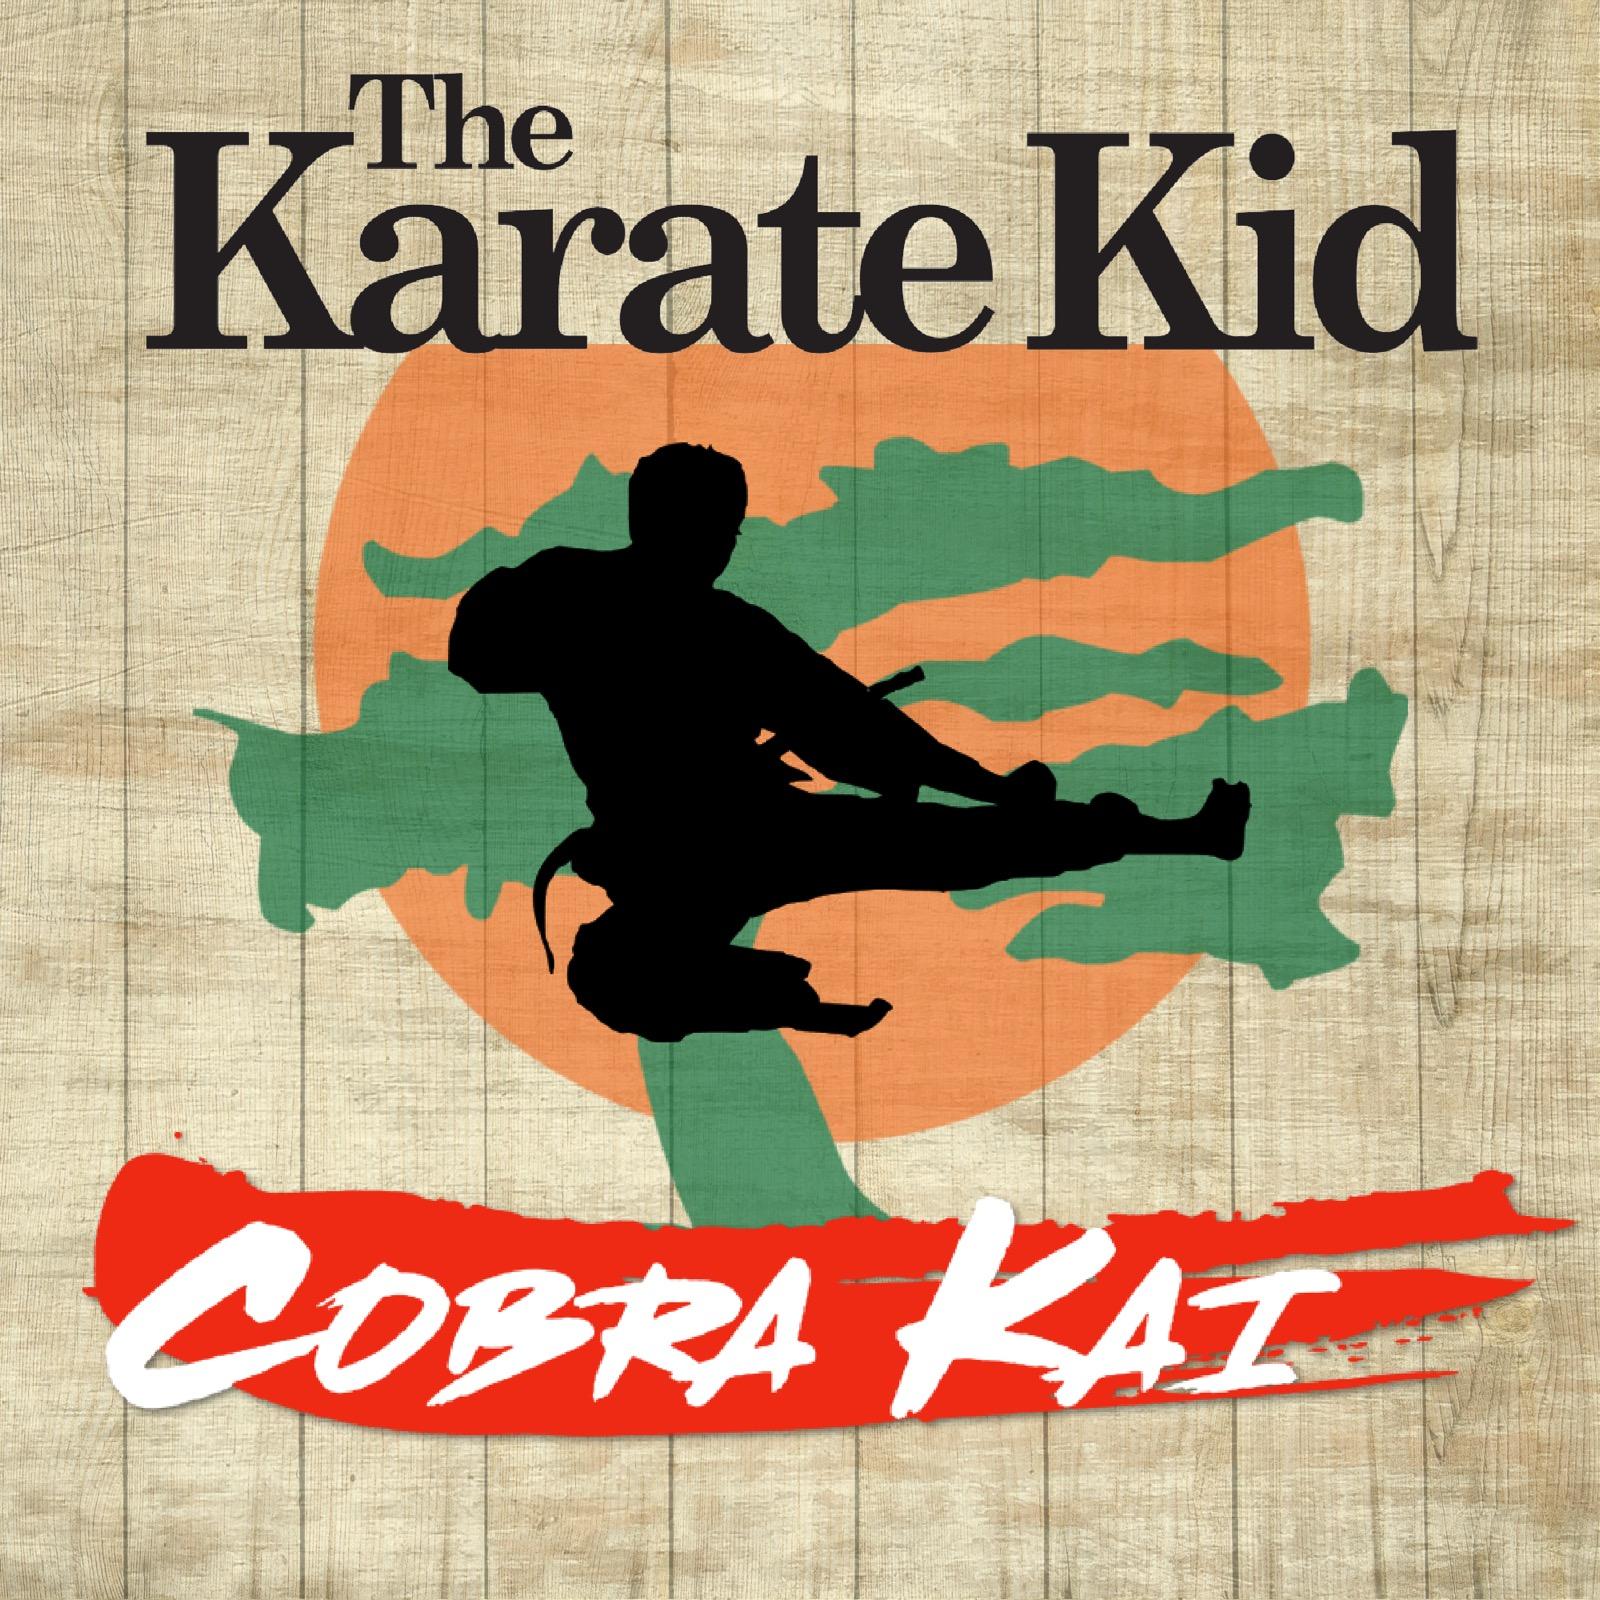 KARATE KID & COBRA KAI